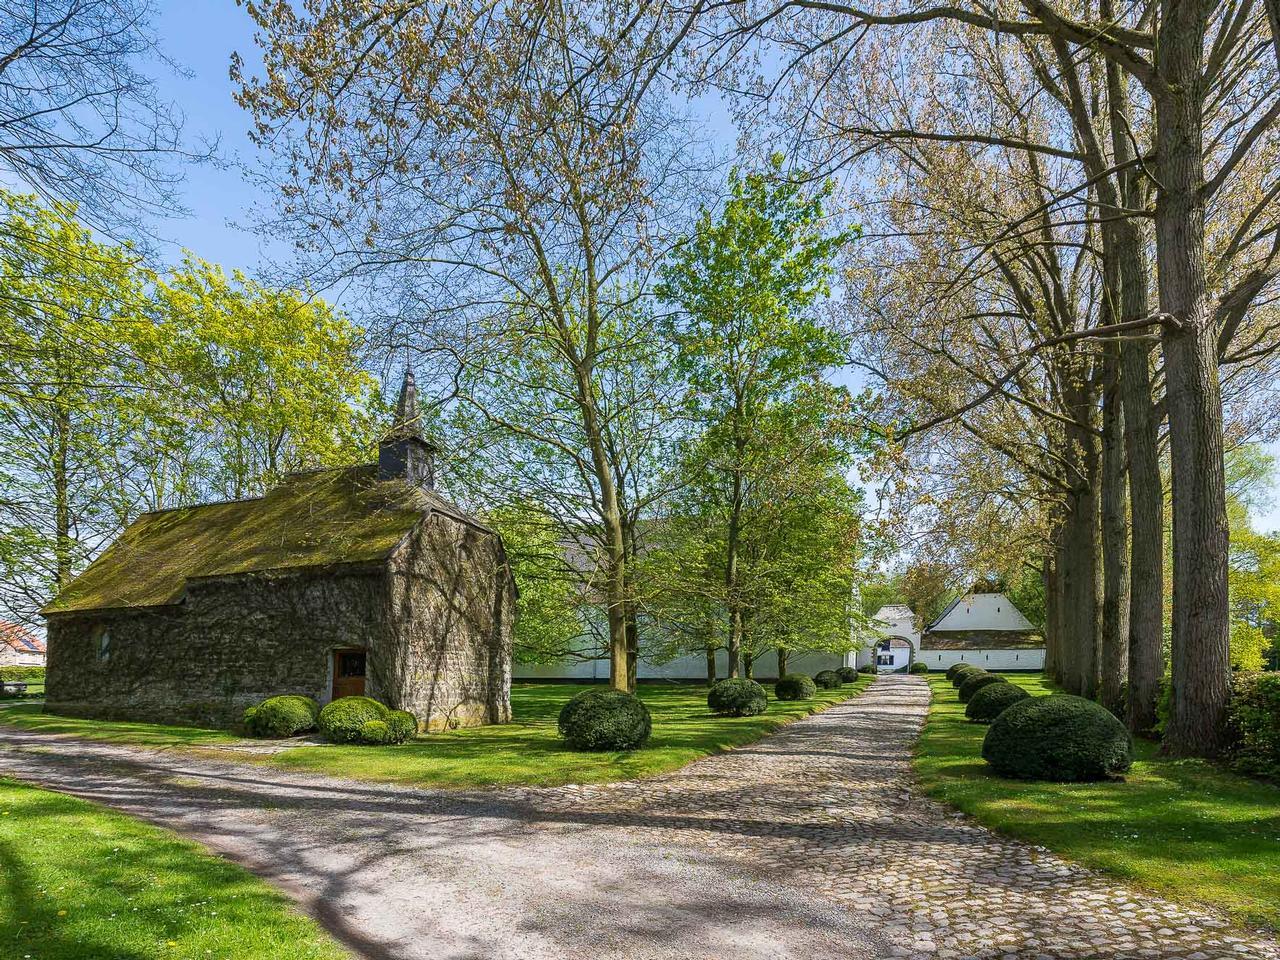 Anderer Wohnungstyp für Verkauf beim Brabant Wallon I Ancienne ferme abbatiale Other Brabant Wallon, Brabant Wallon, 1315 Belgien